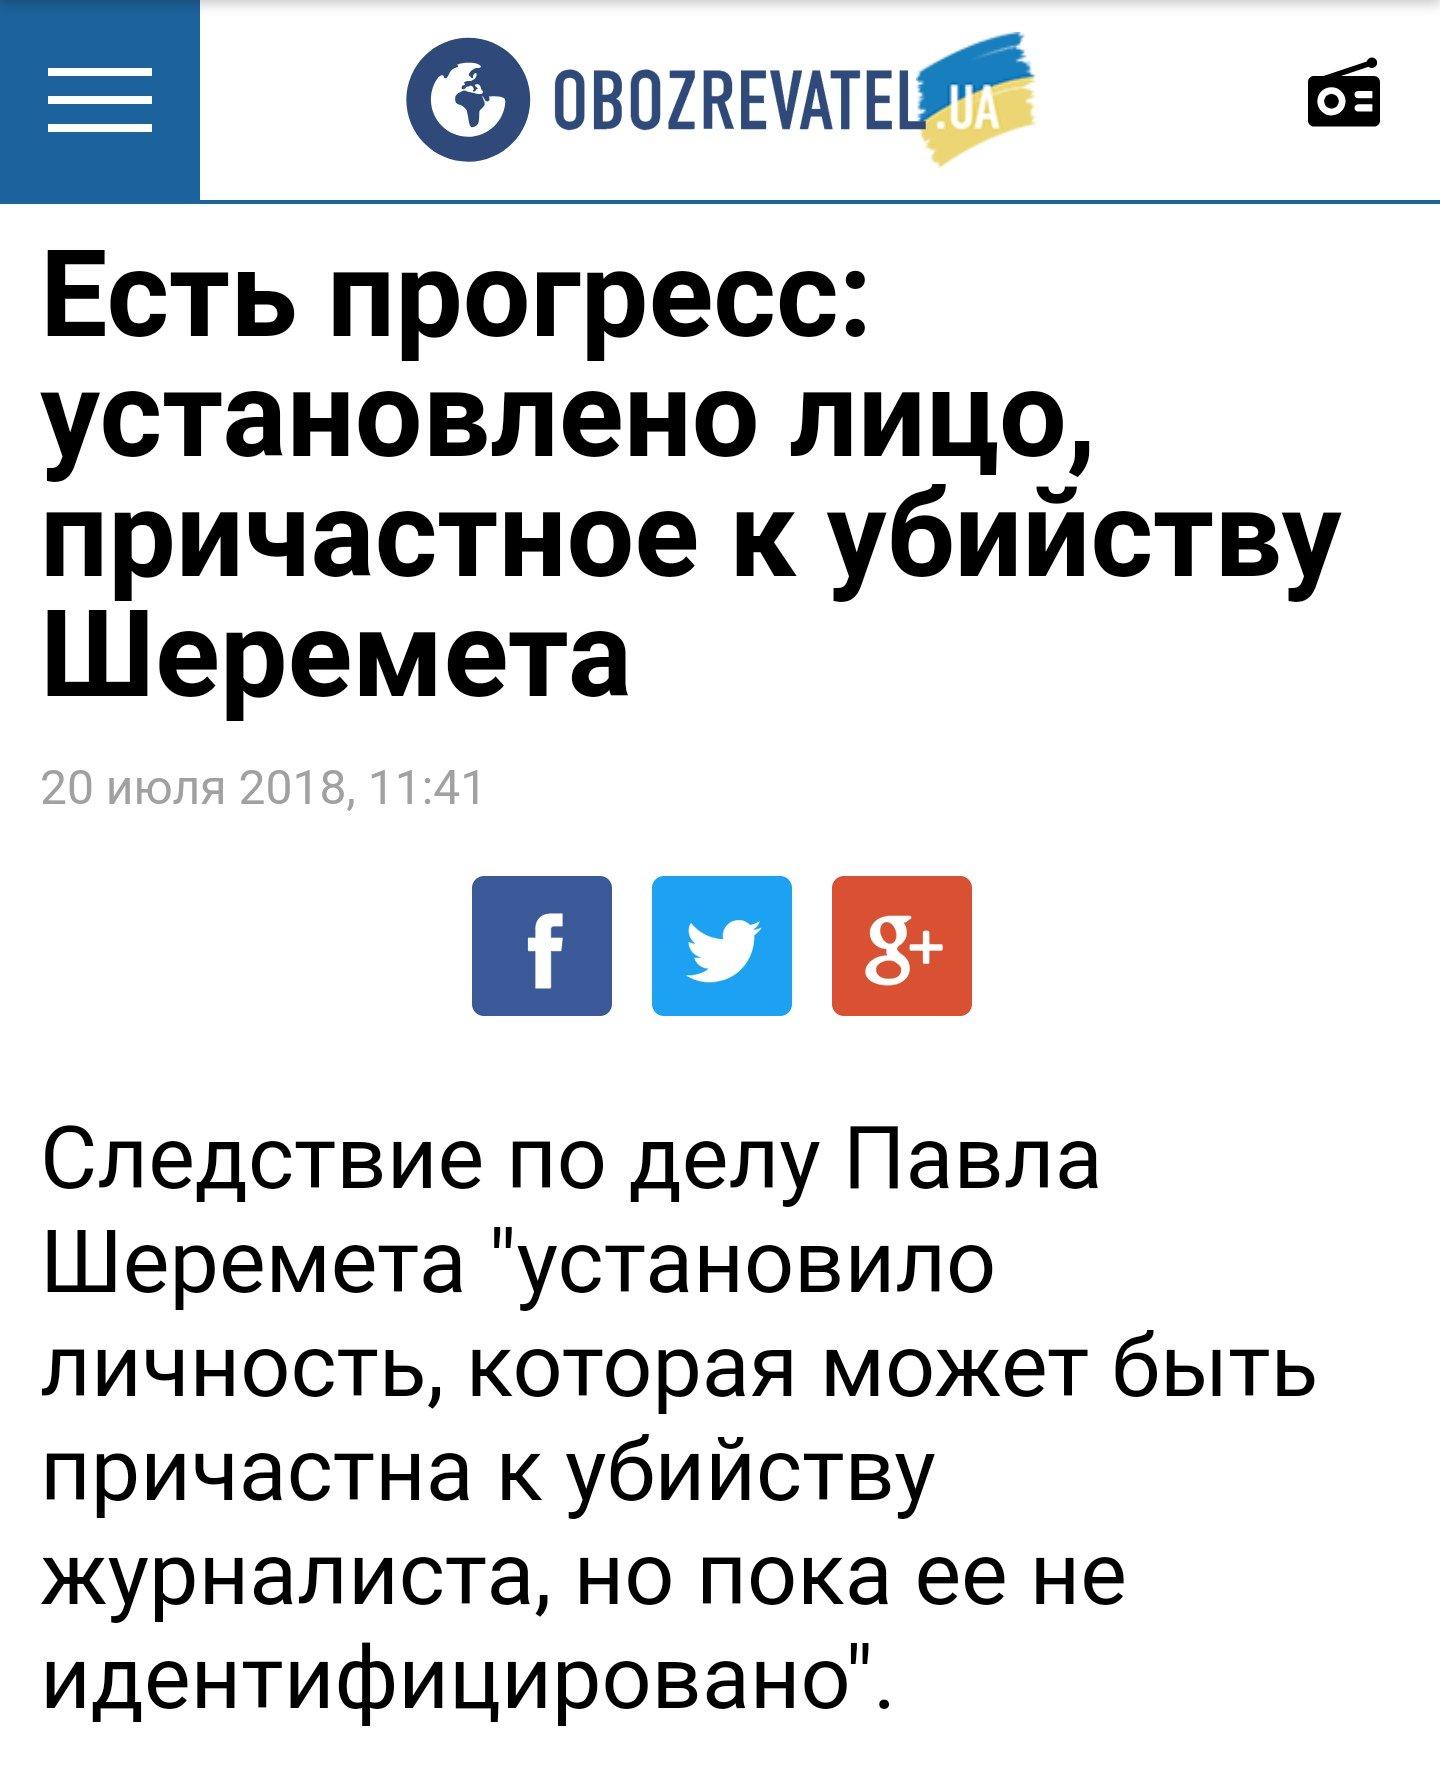 Убивство Шеремета було дуже ретельно підготовлено і сплановано, слідство ускладнює і його російське громадянство, - МВС - Цензор.НЕТ 6918